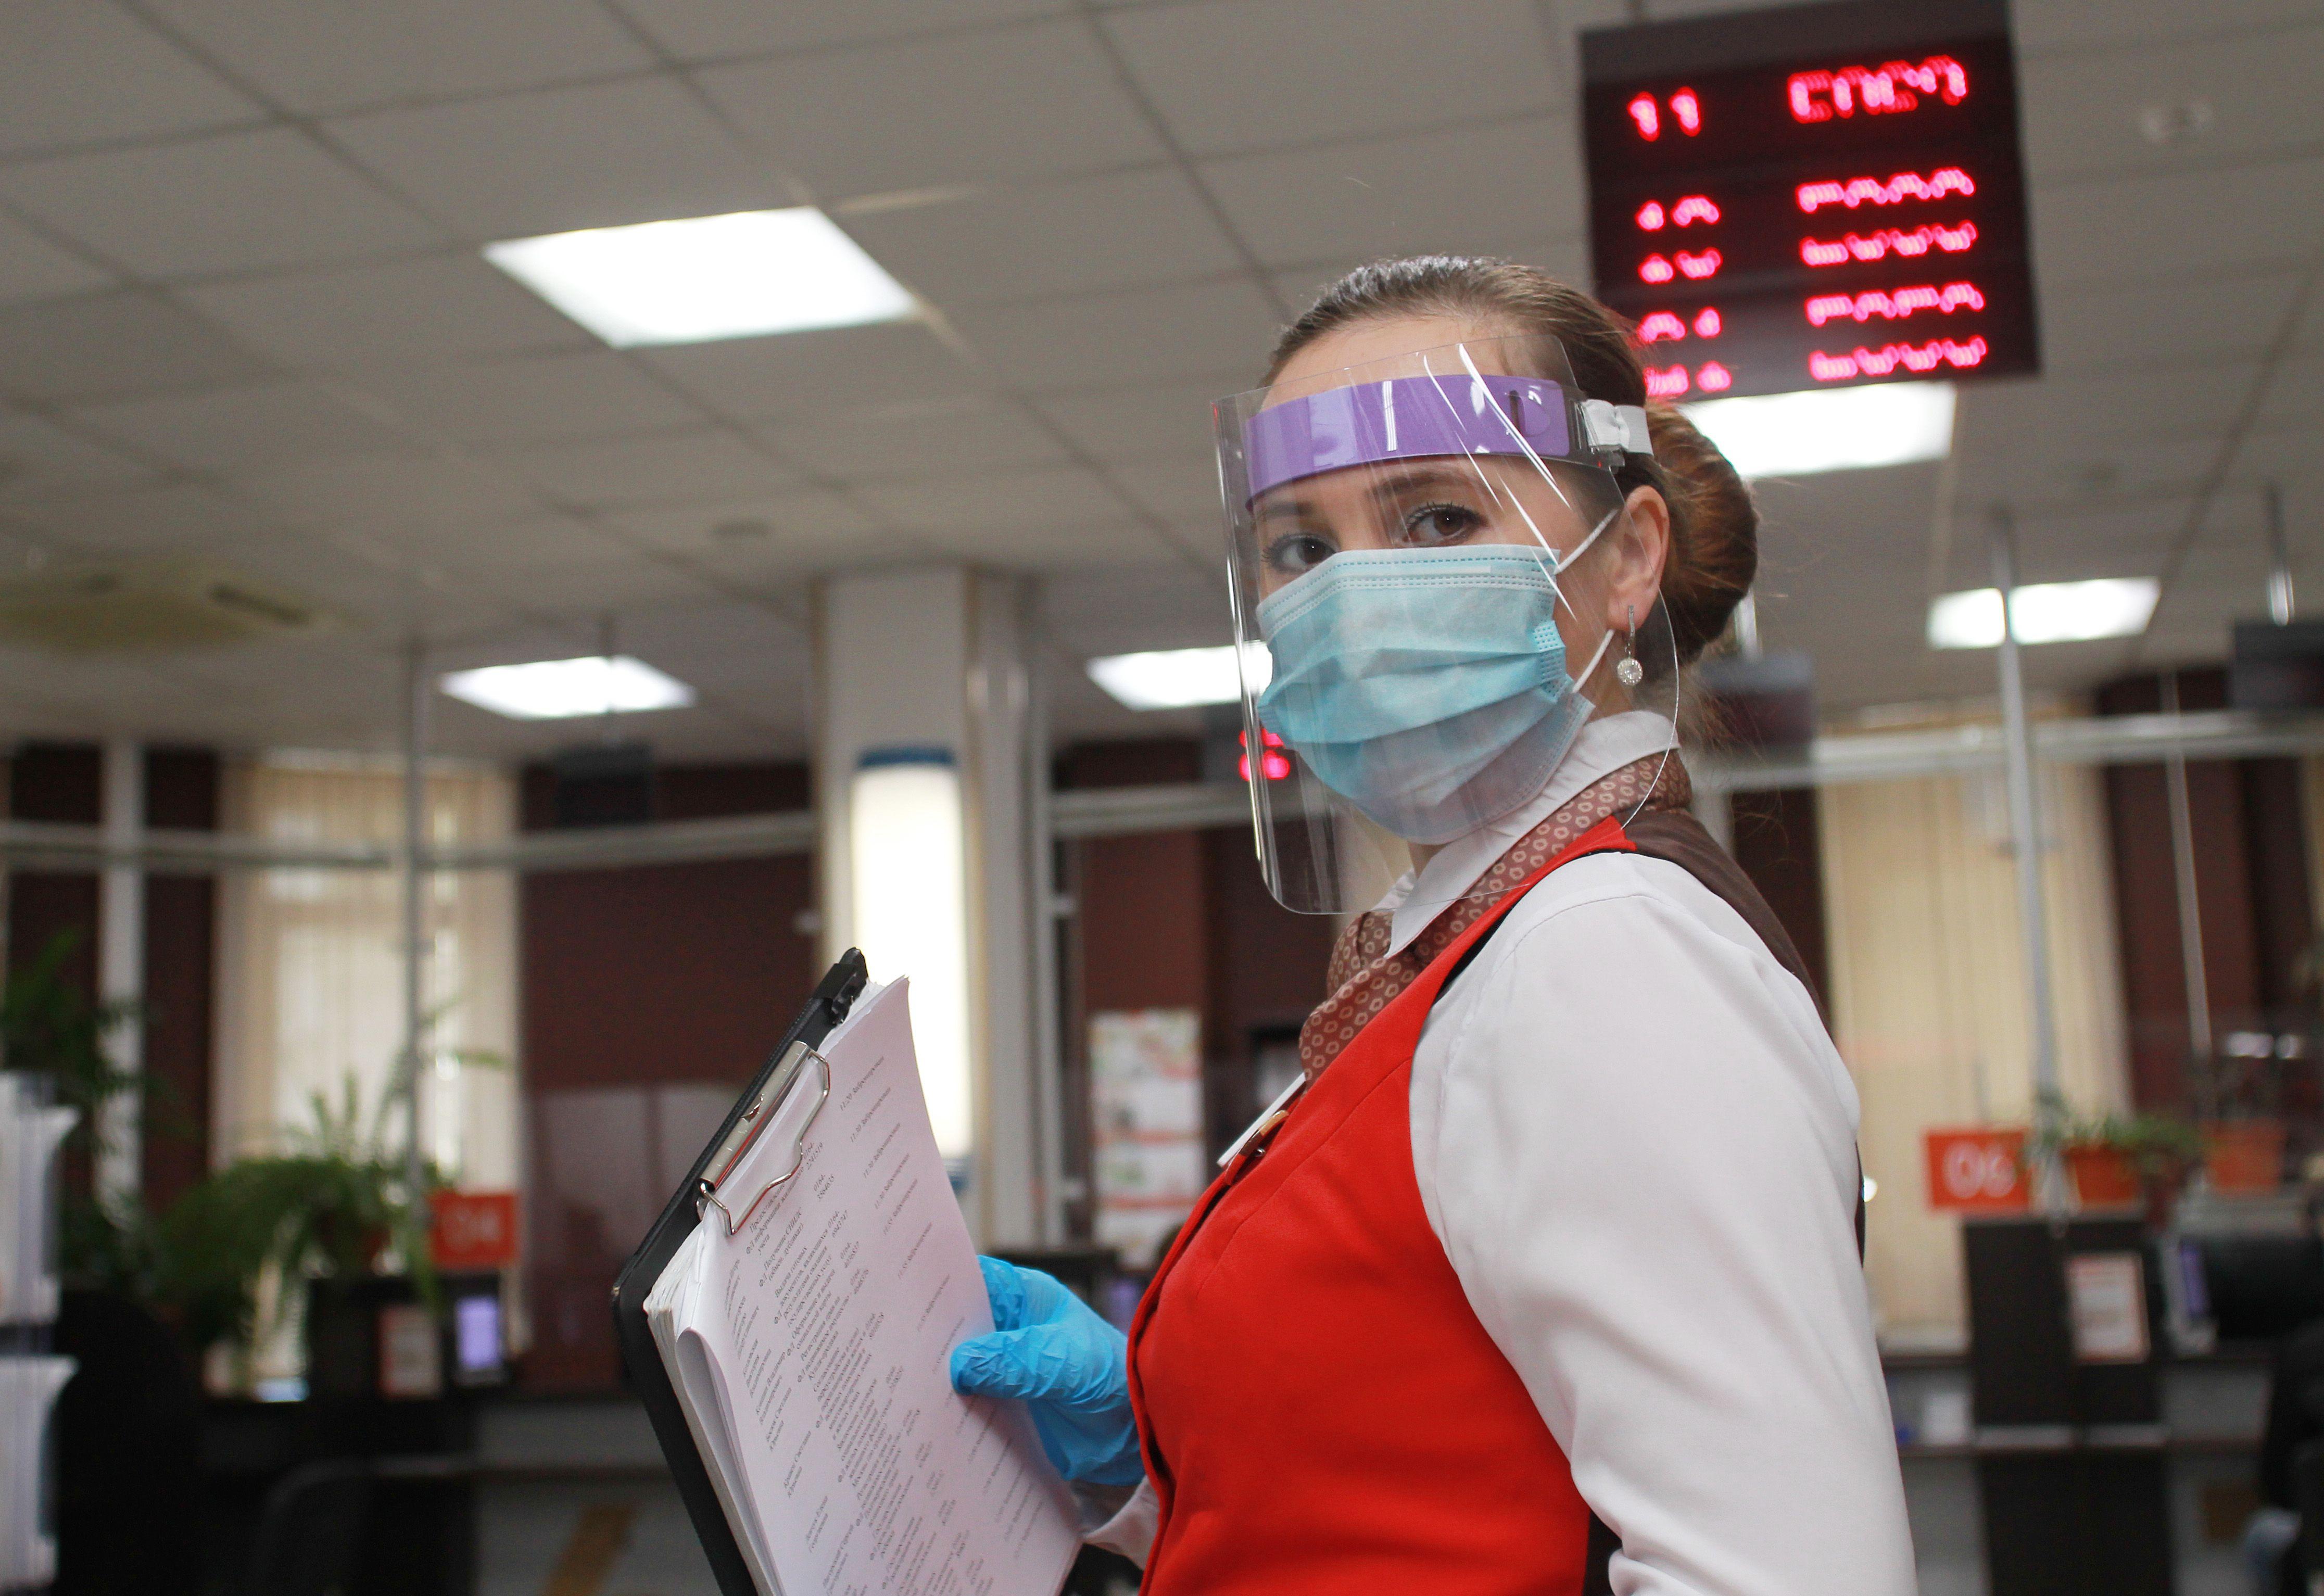 В помещениях продолжает действовать масочно-перчаточный режим. Фото: Наталия Нечаева